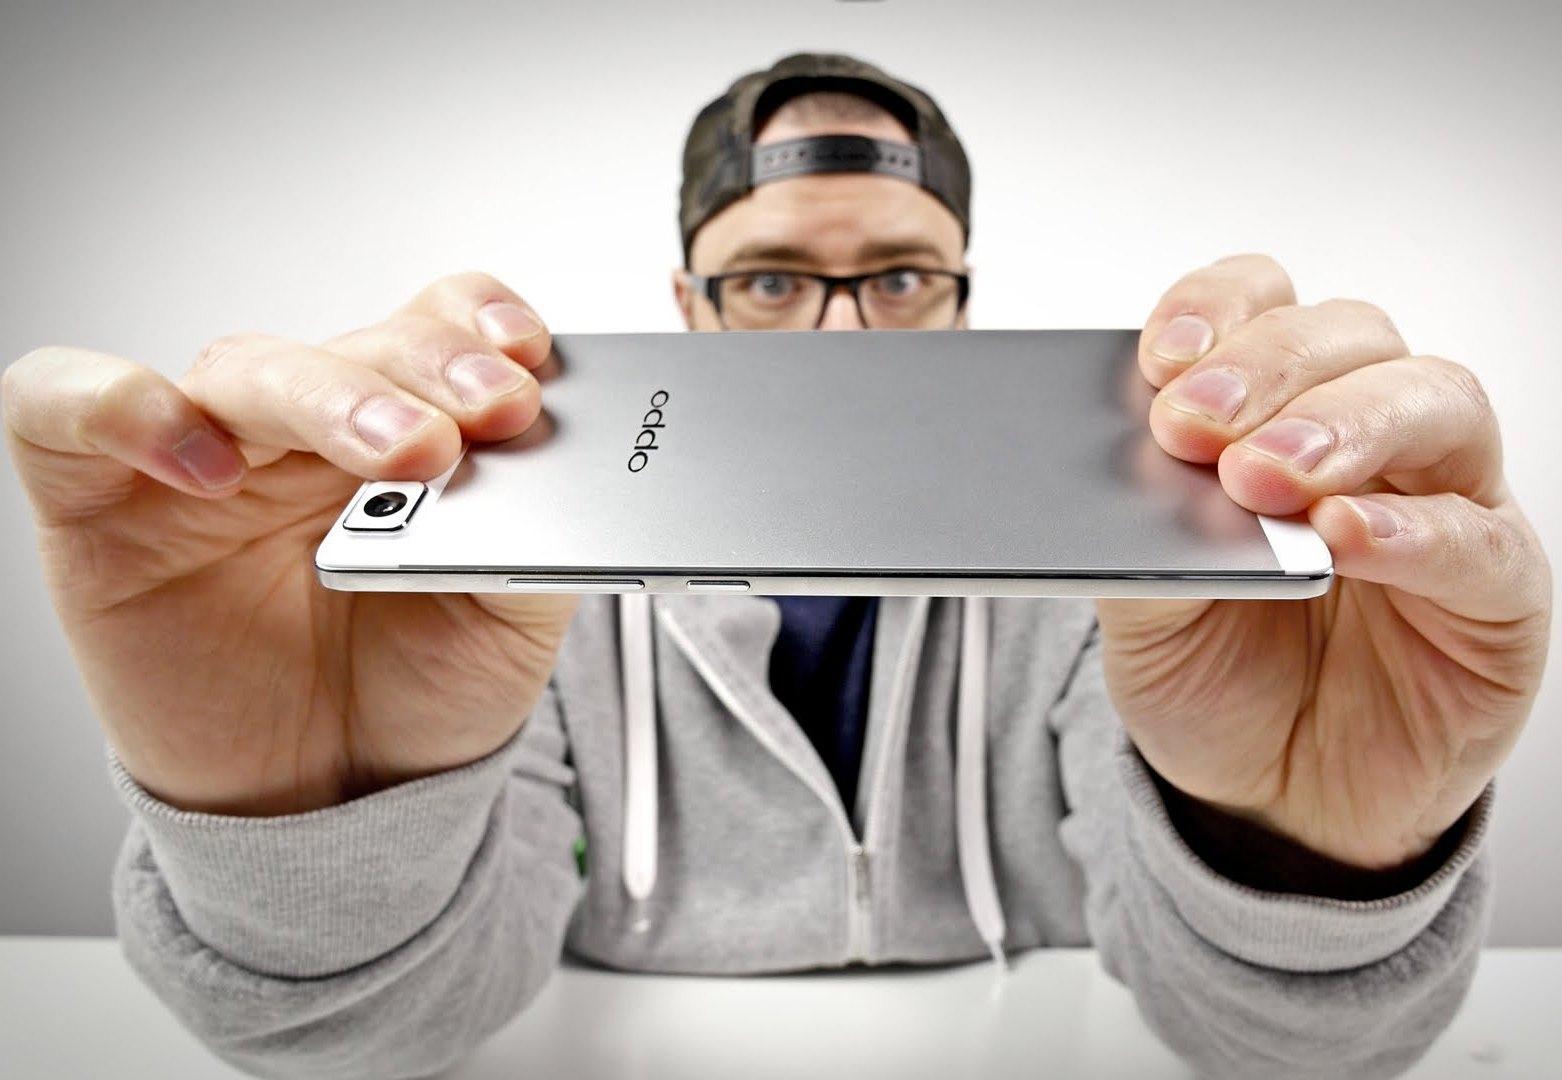 Самый тонкий телефон в мире от китайского производителя